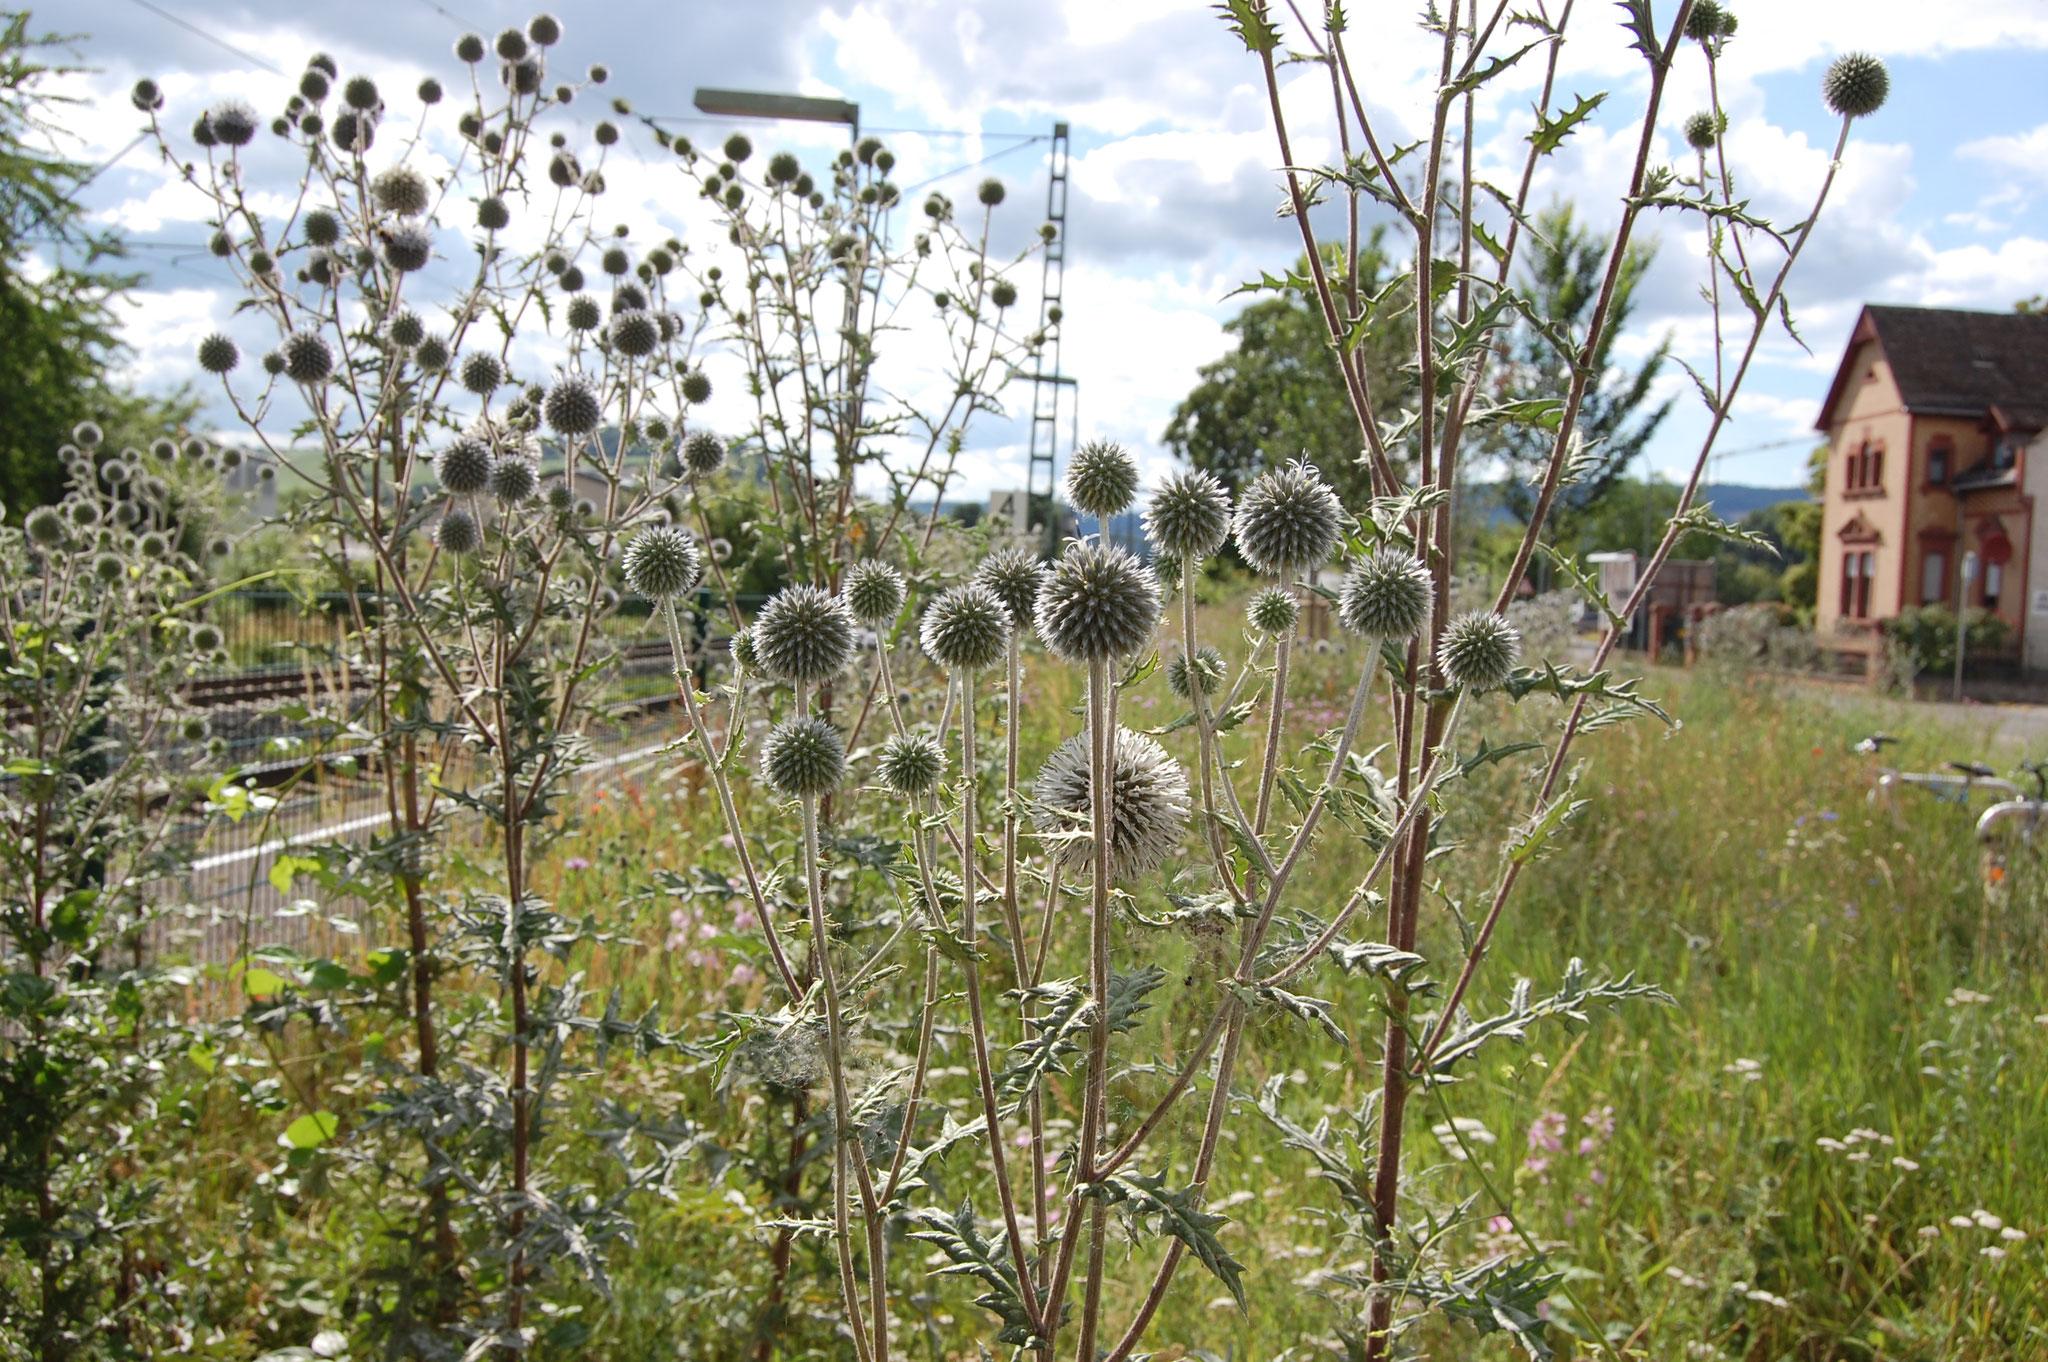 Kugeldistel (als Gartenflüchtling nicht unumstritten, aber wertvolle Trachtpflanze), Sommer 2020